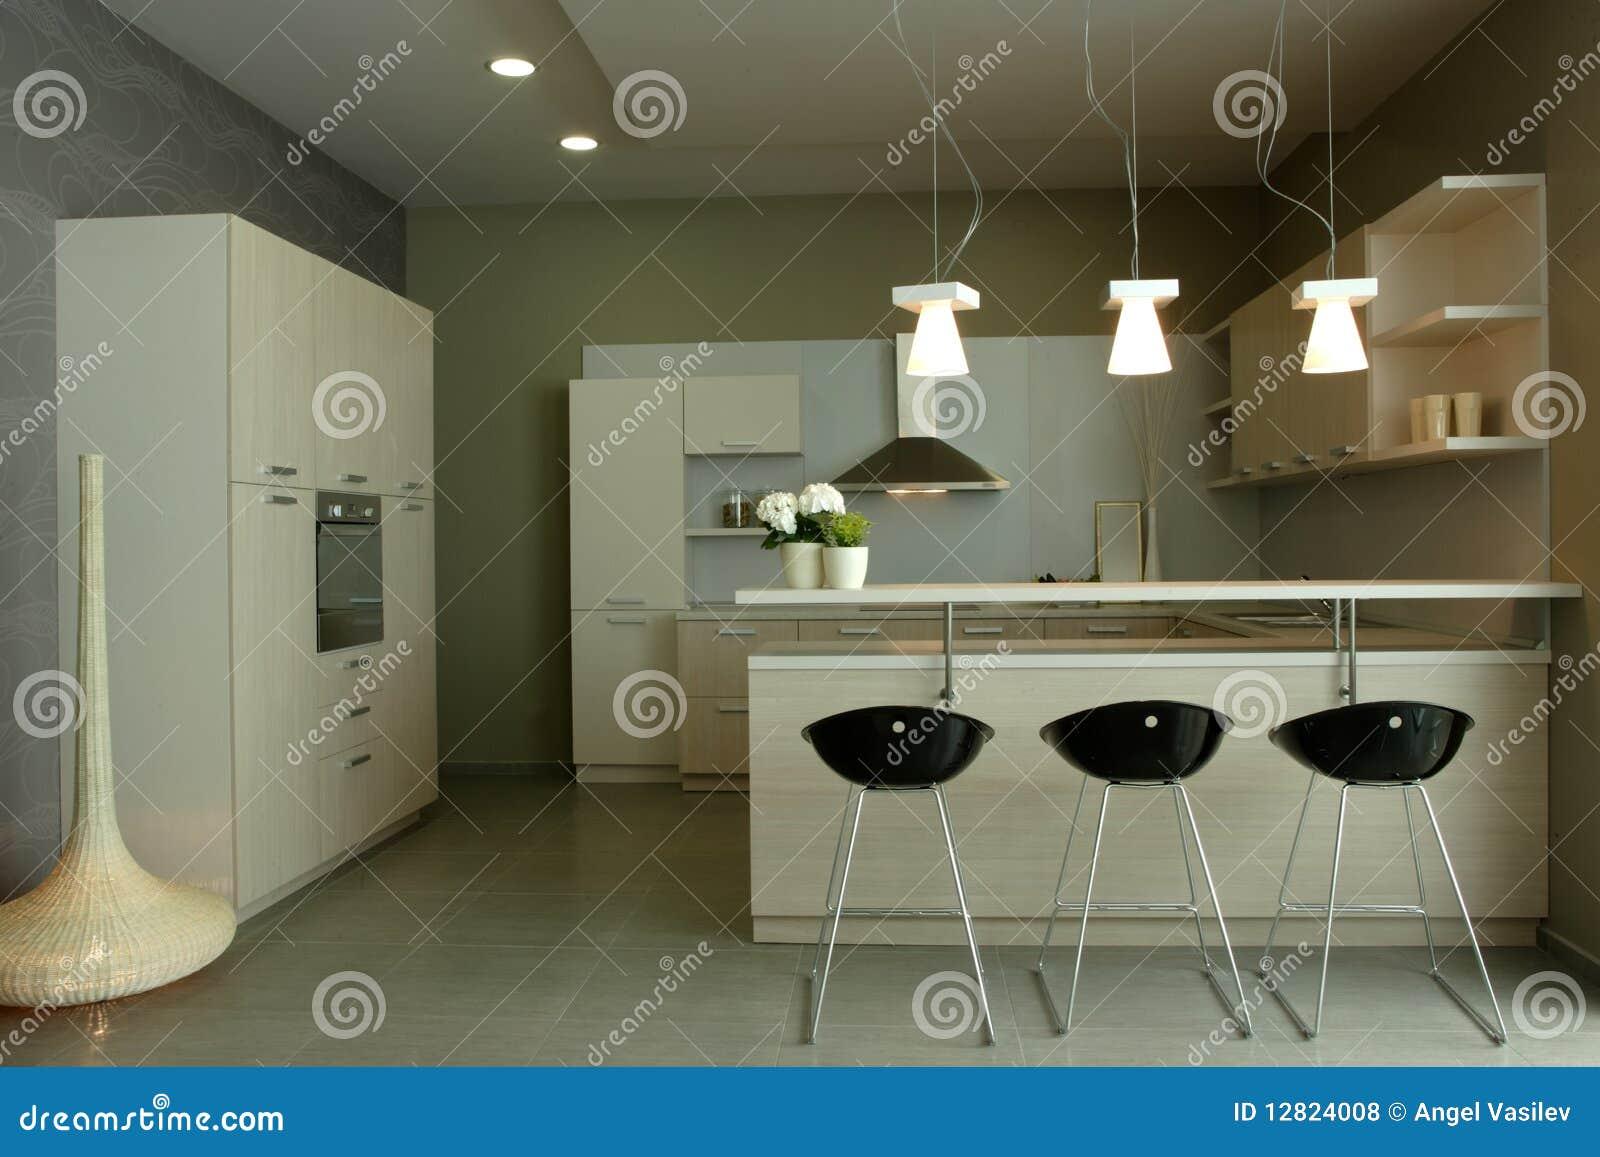 #81A229 Projeto Interior Da Cozinha Elegante E Luxuosa. Fotos de Stock Royalty  1300x957 px Projete Minha Própria Cozinha_914 Imagens